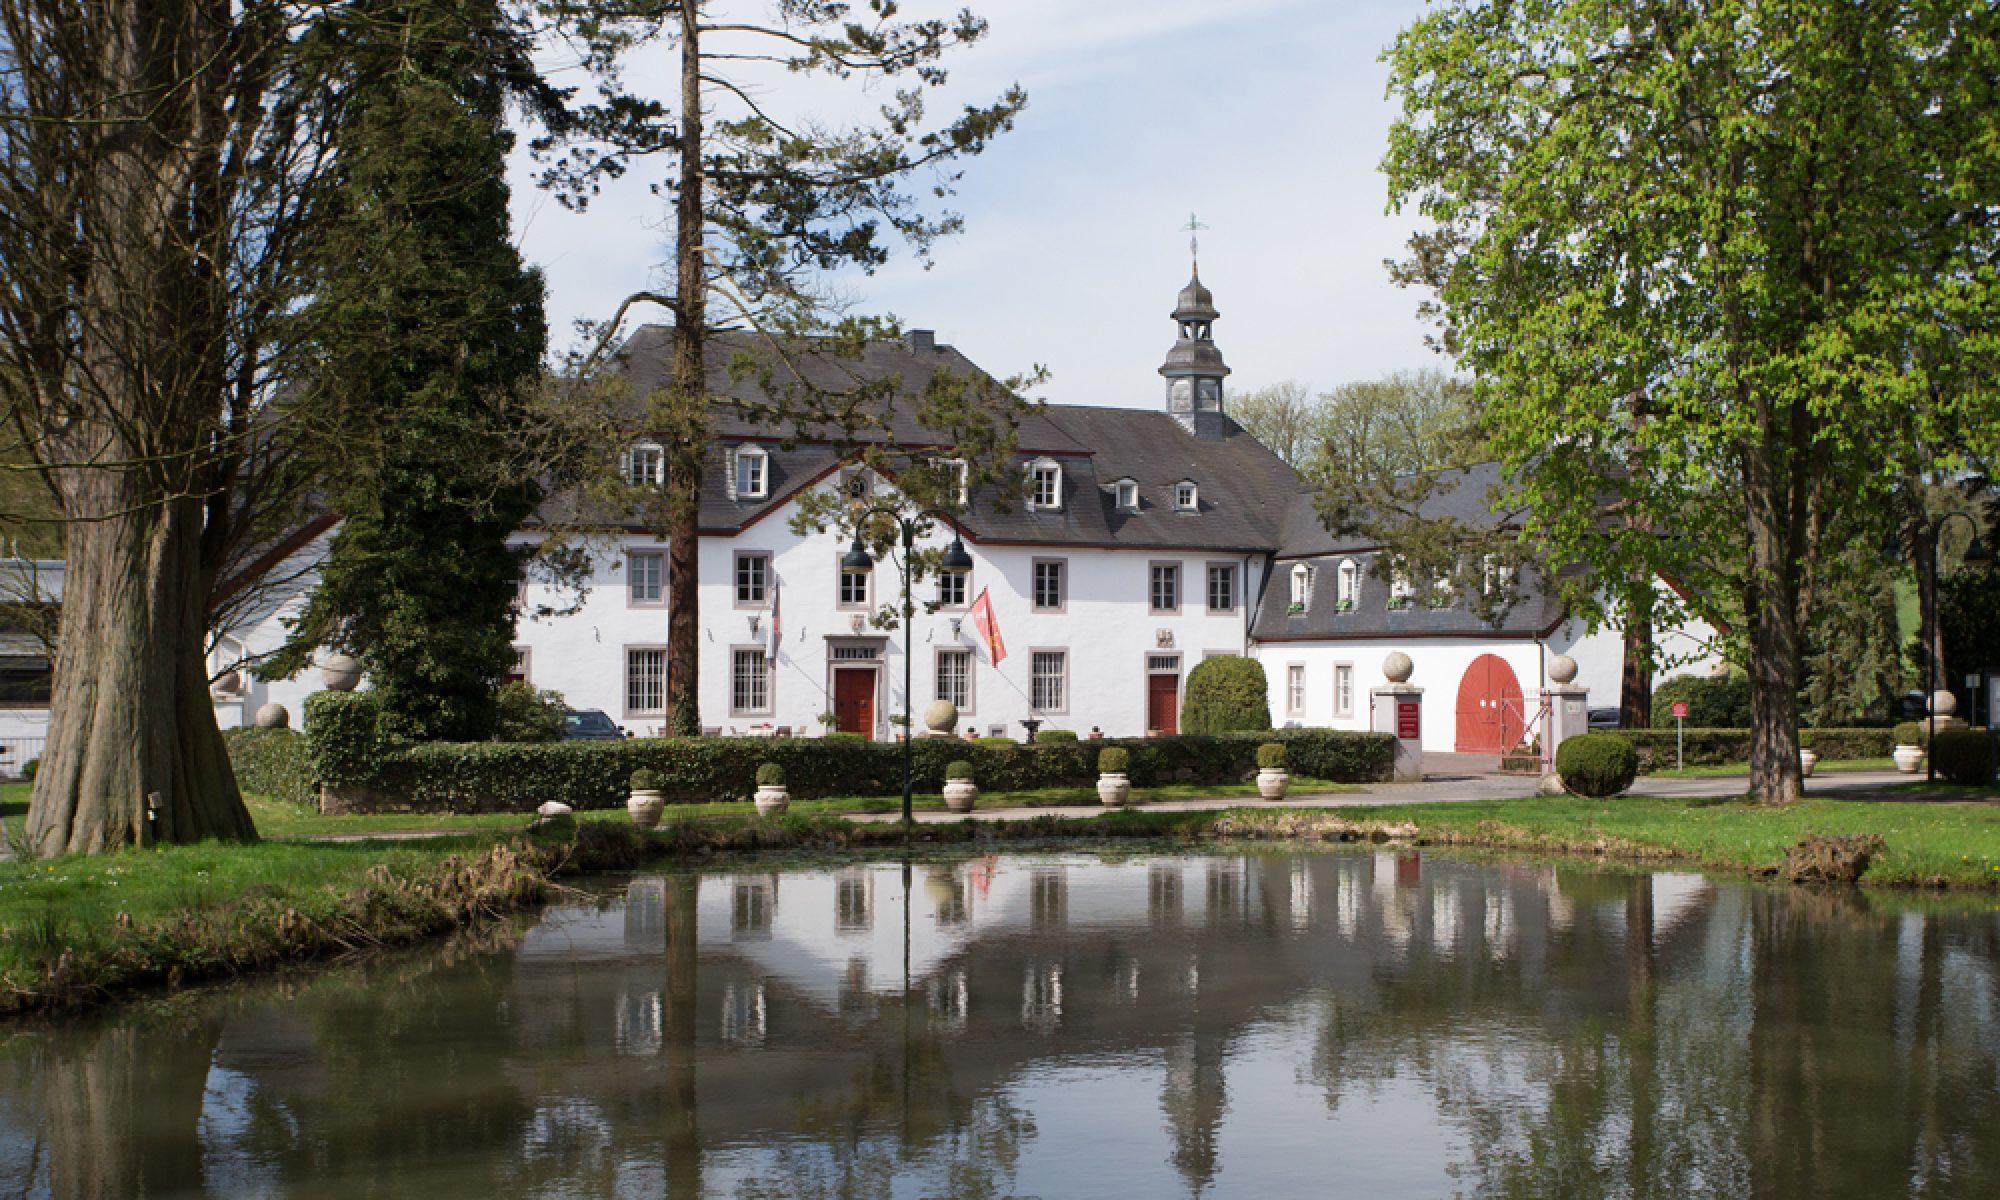 Bridgeclub Lohmar Schloss Auel